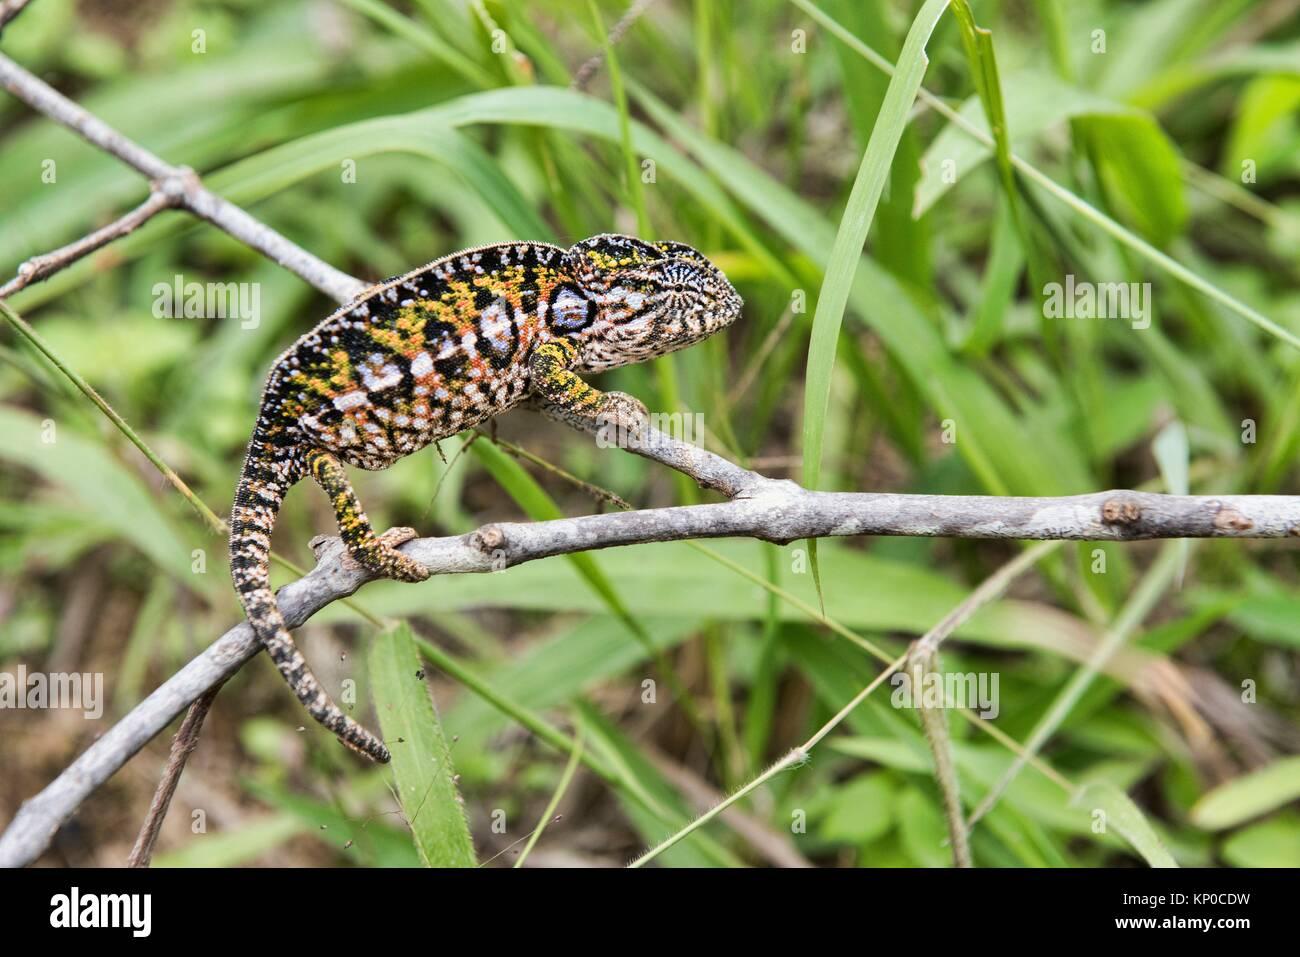 White-lined or carpet chameleon (Furcifer lateralis), Andasibe-Mantadia National Park, Madagascar. - Stock Image